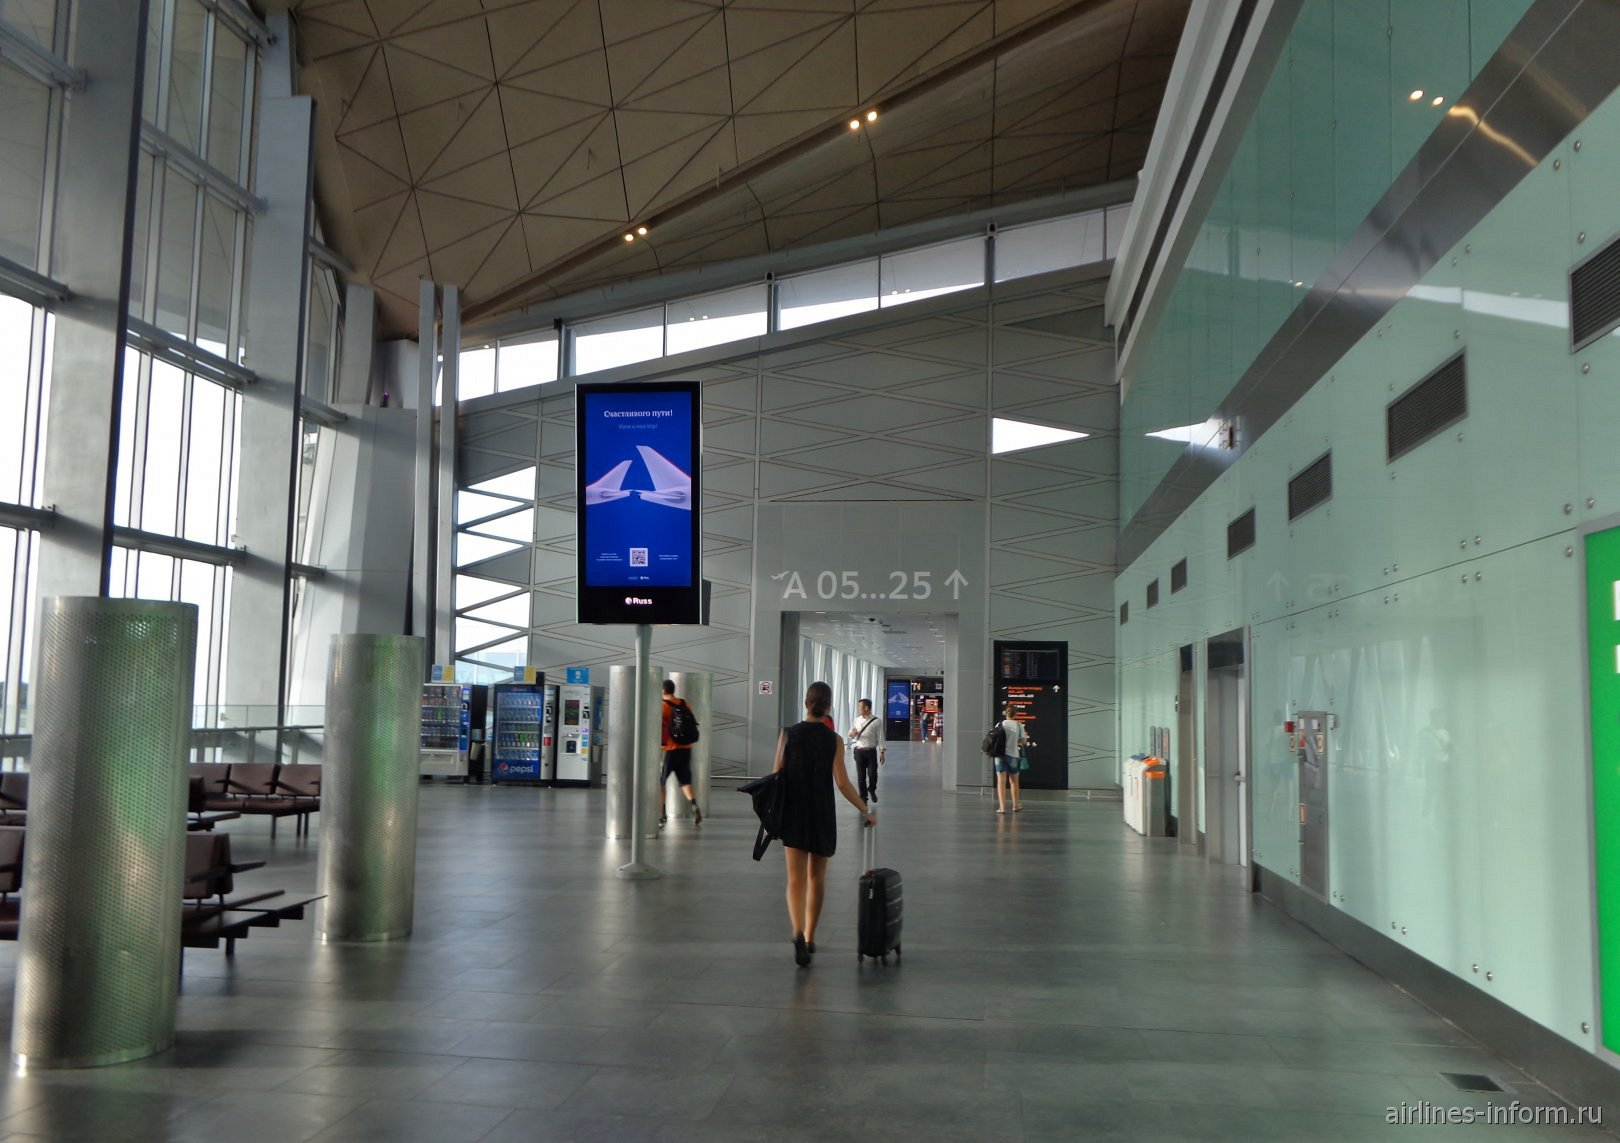 У входа в посадочную галерею международных вылетов в аэропорту Пулково